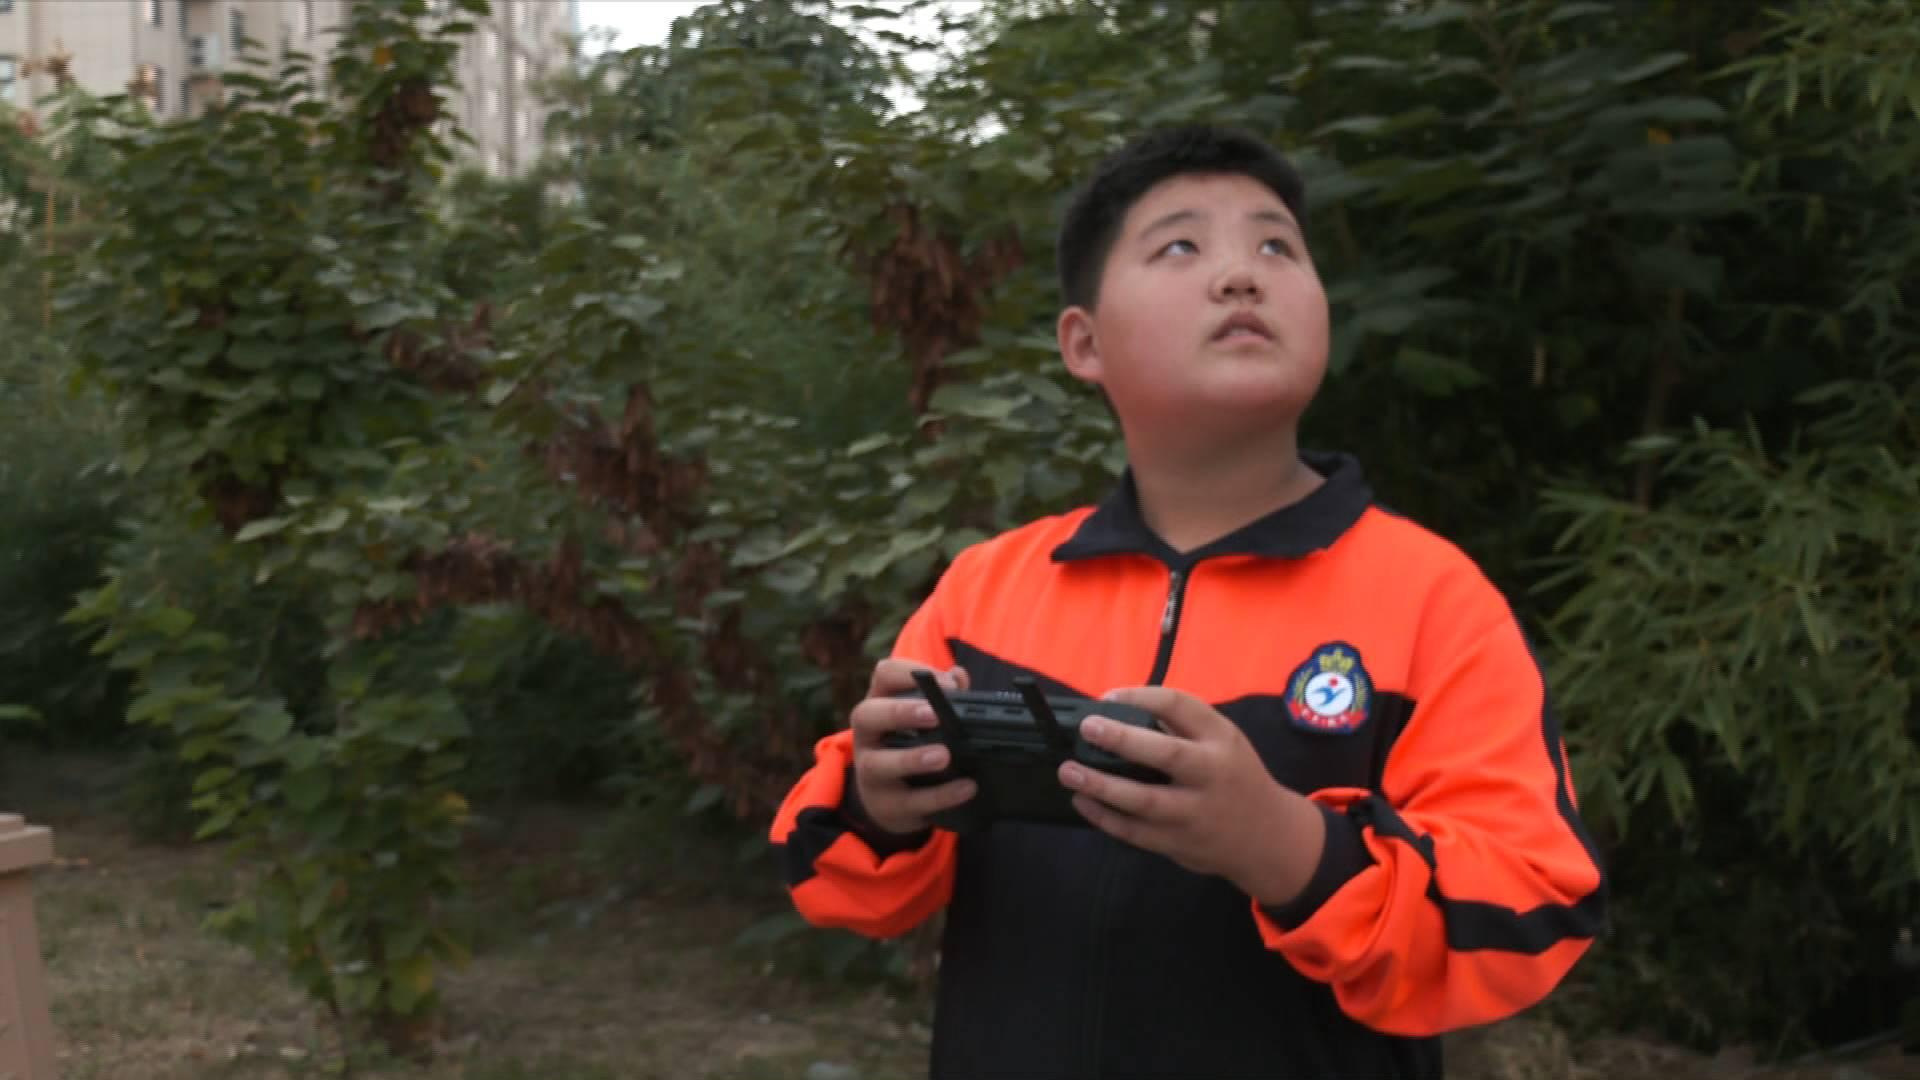 《应急在线》20201025:少年科学施救  老人水中脱险